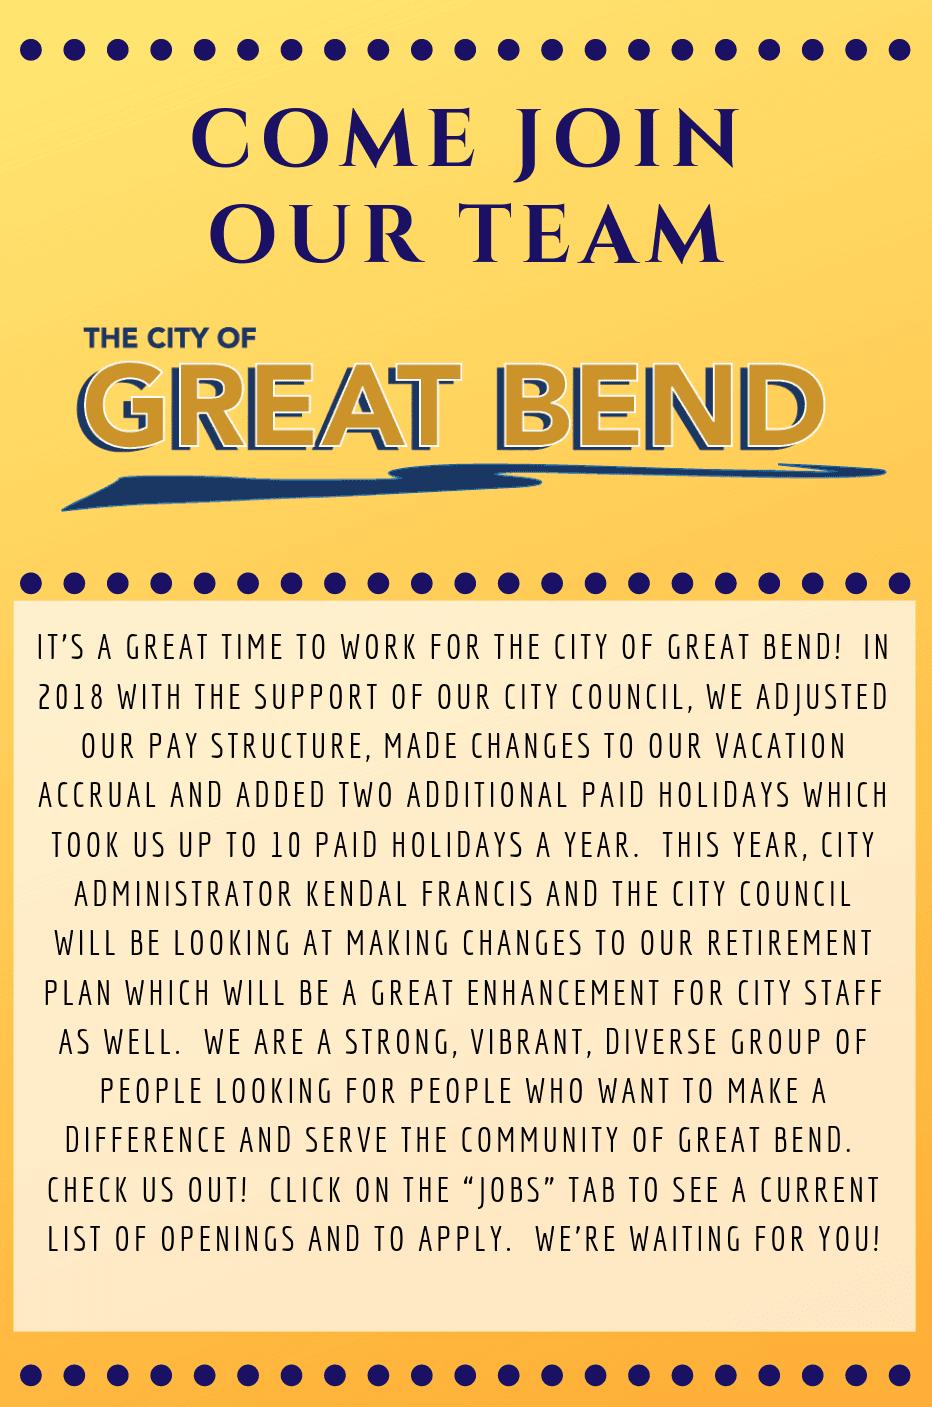 Great Bend, KS - Official Website